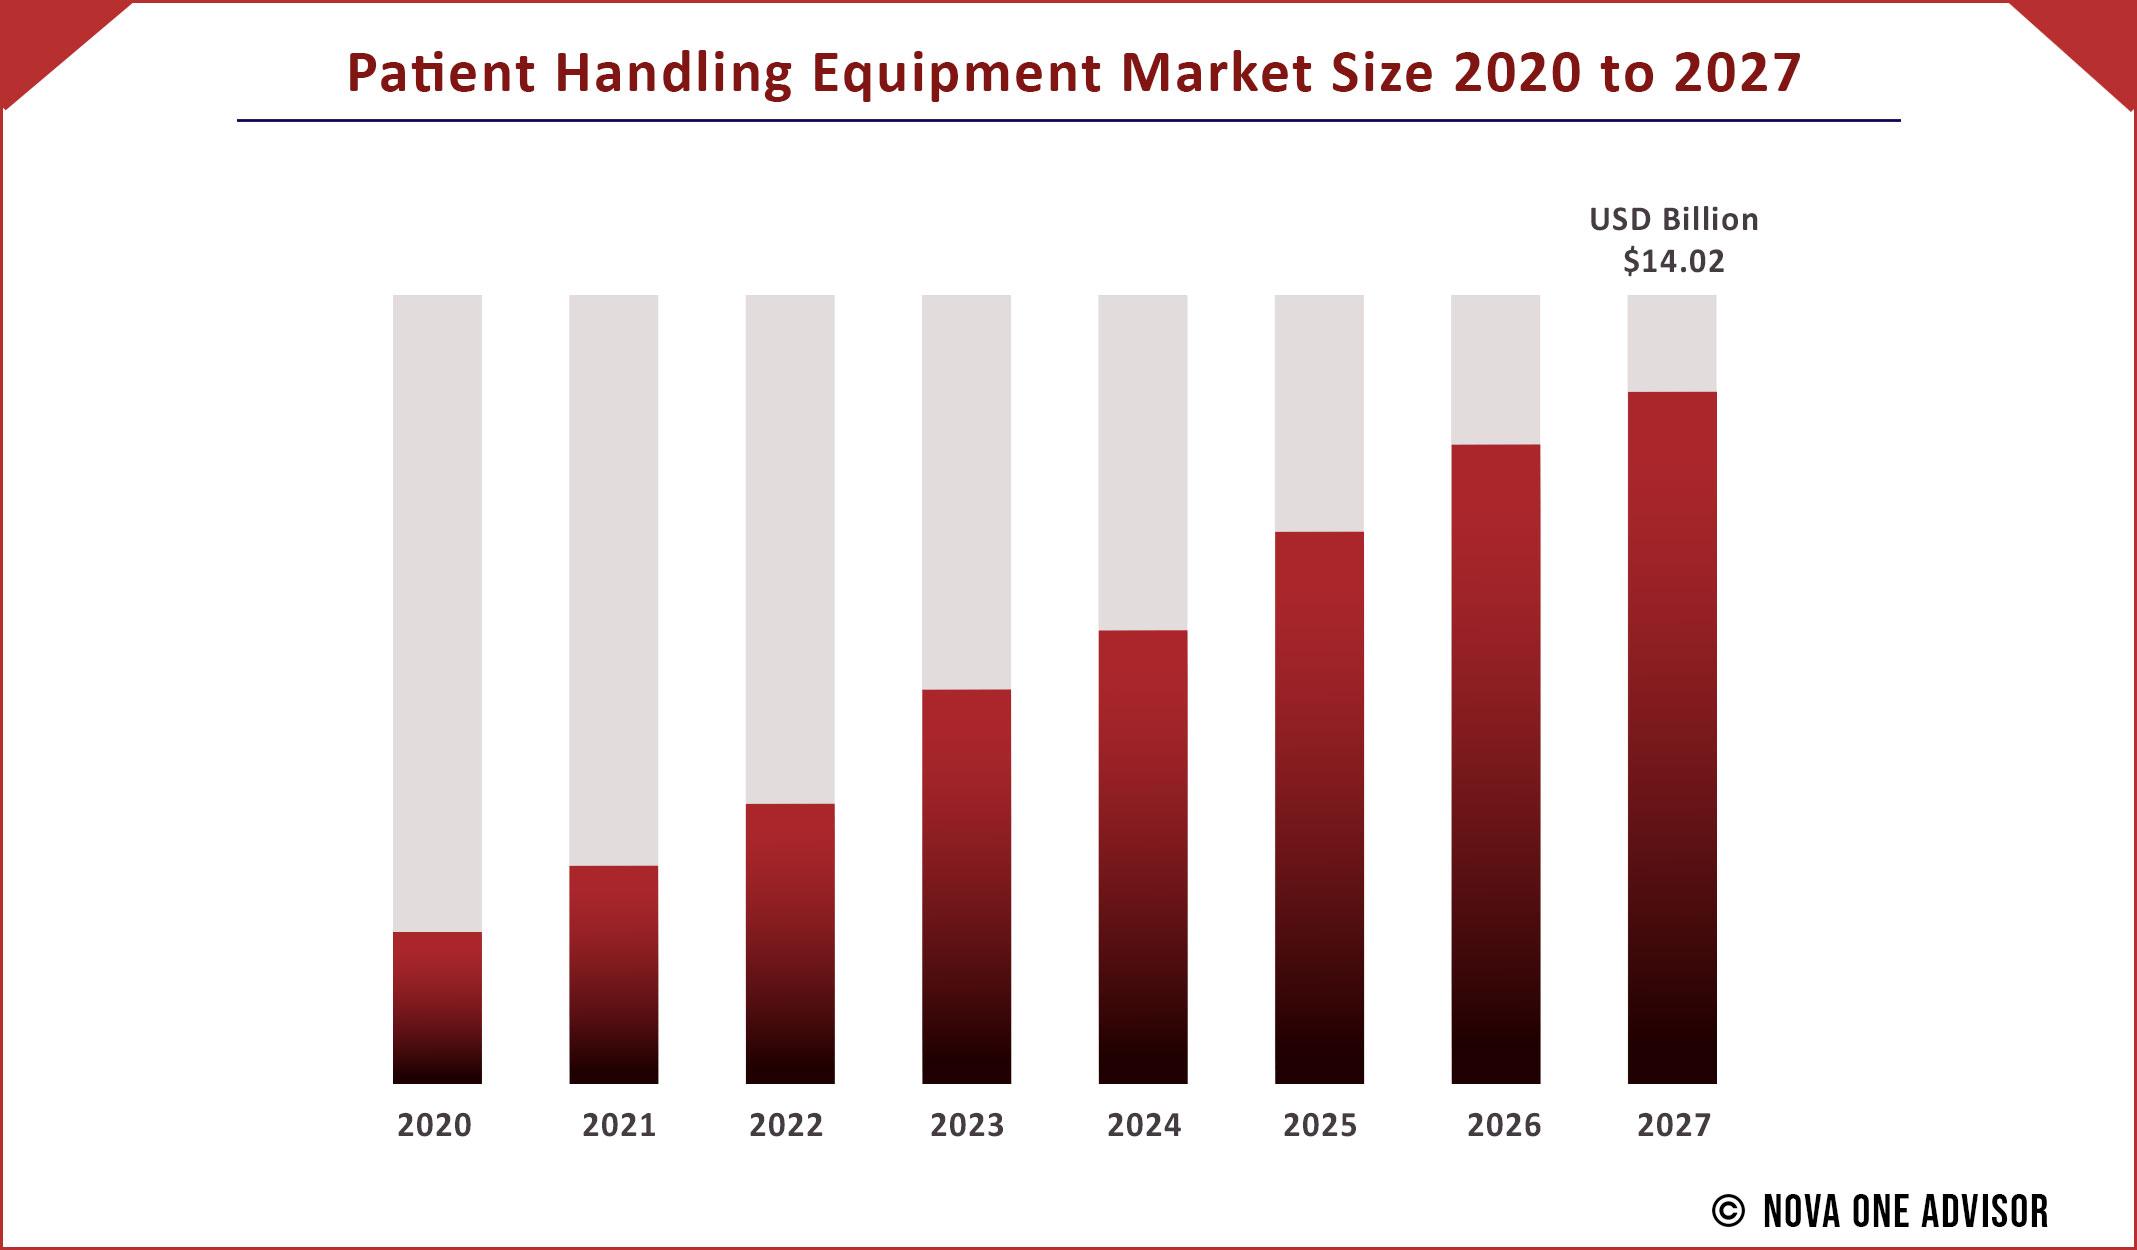 Patient Handling Equipment Market Size 2020 to 2027